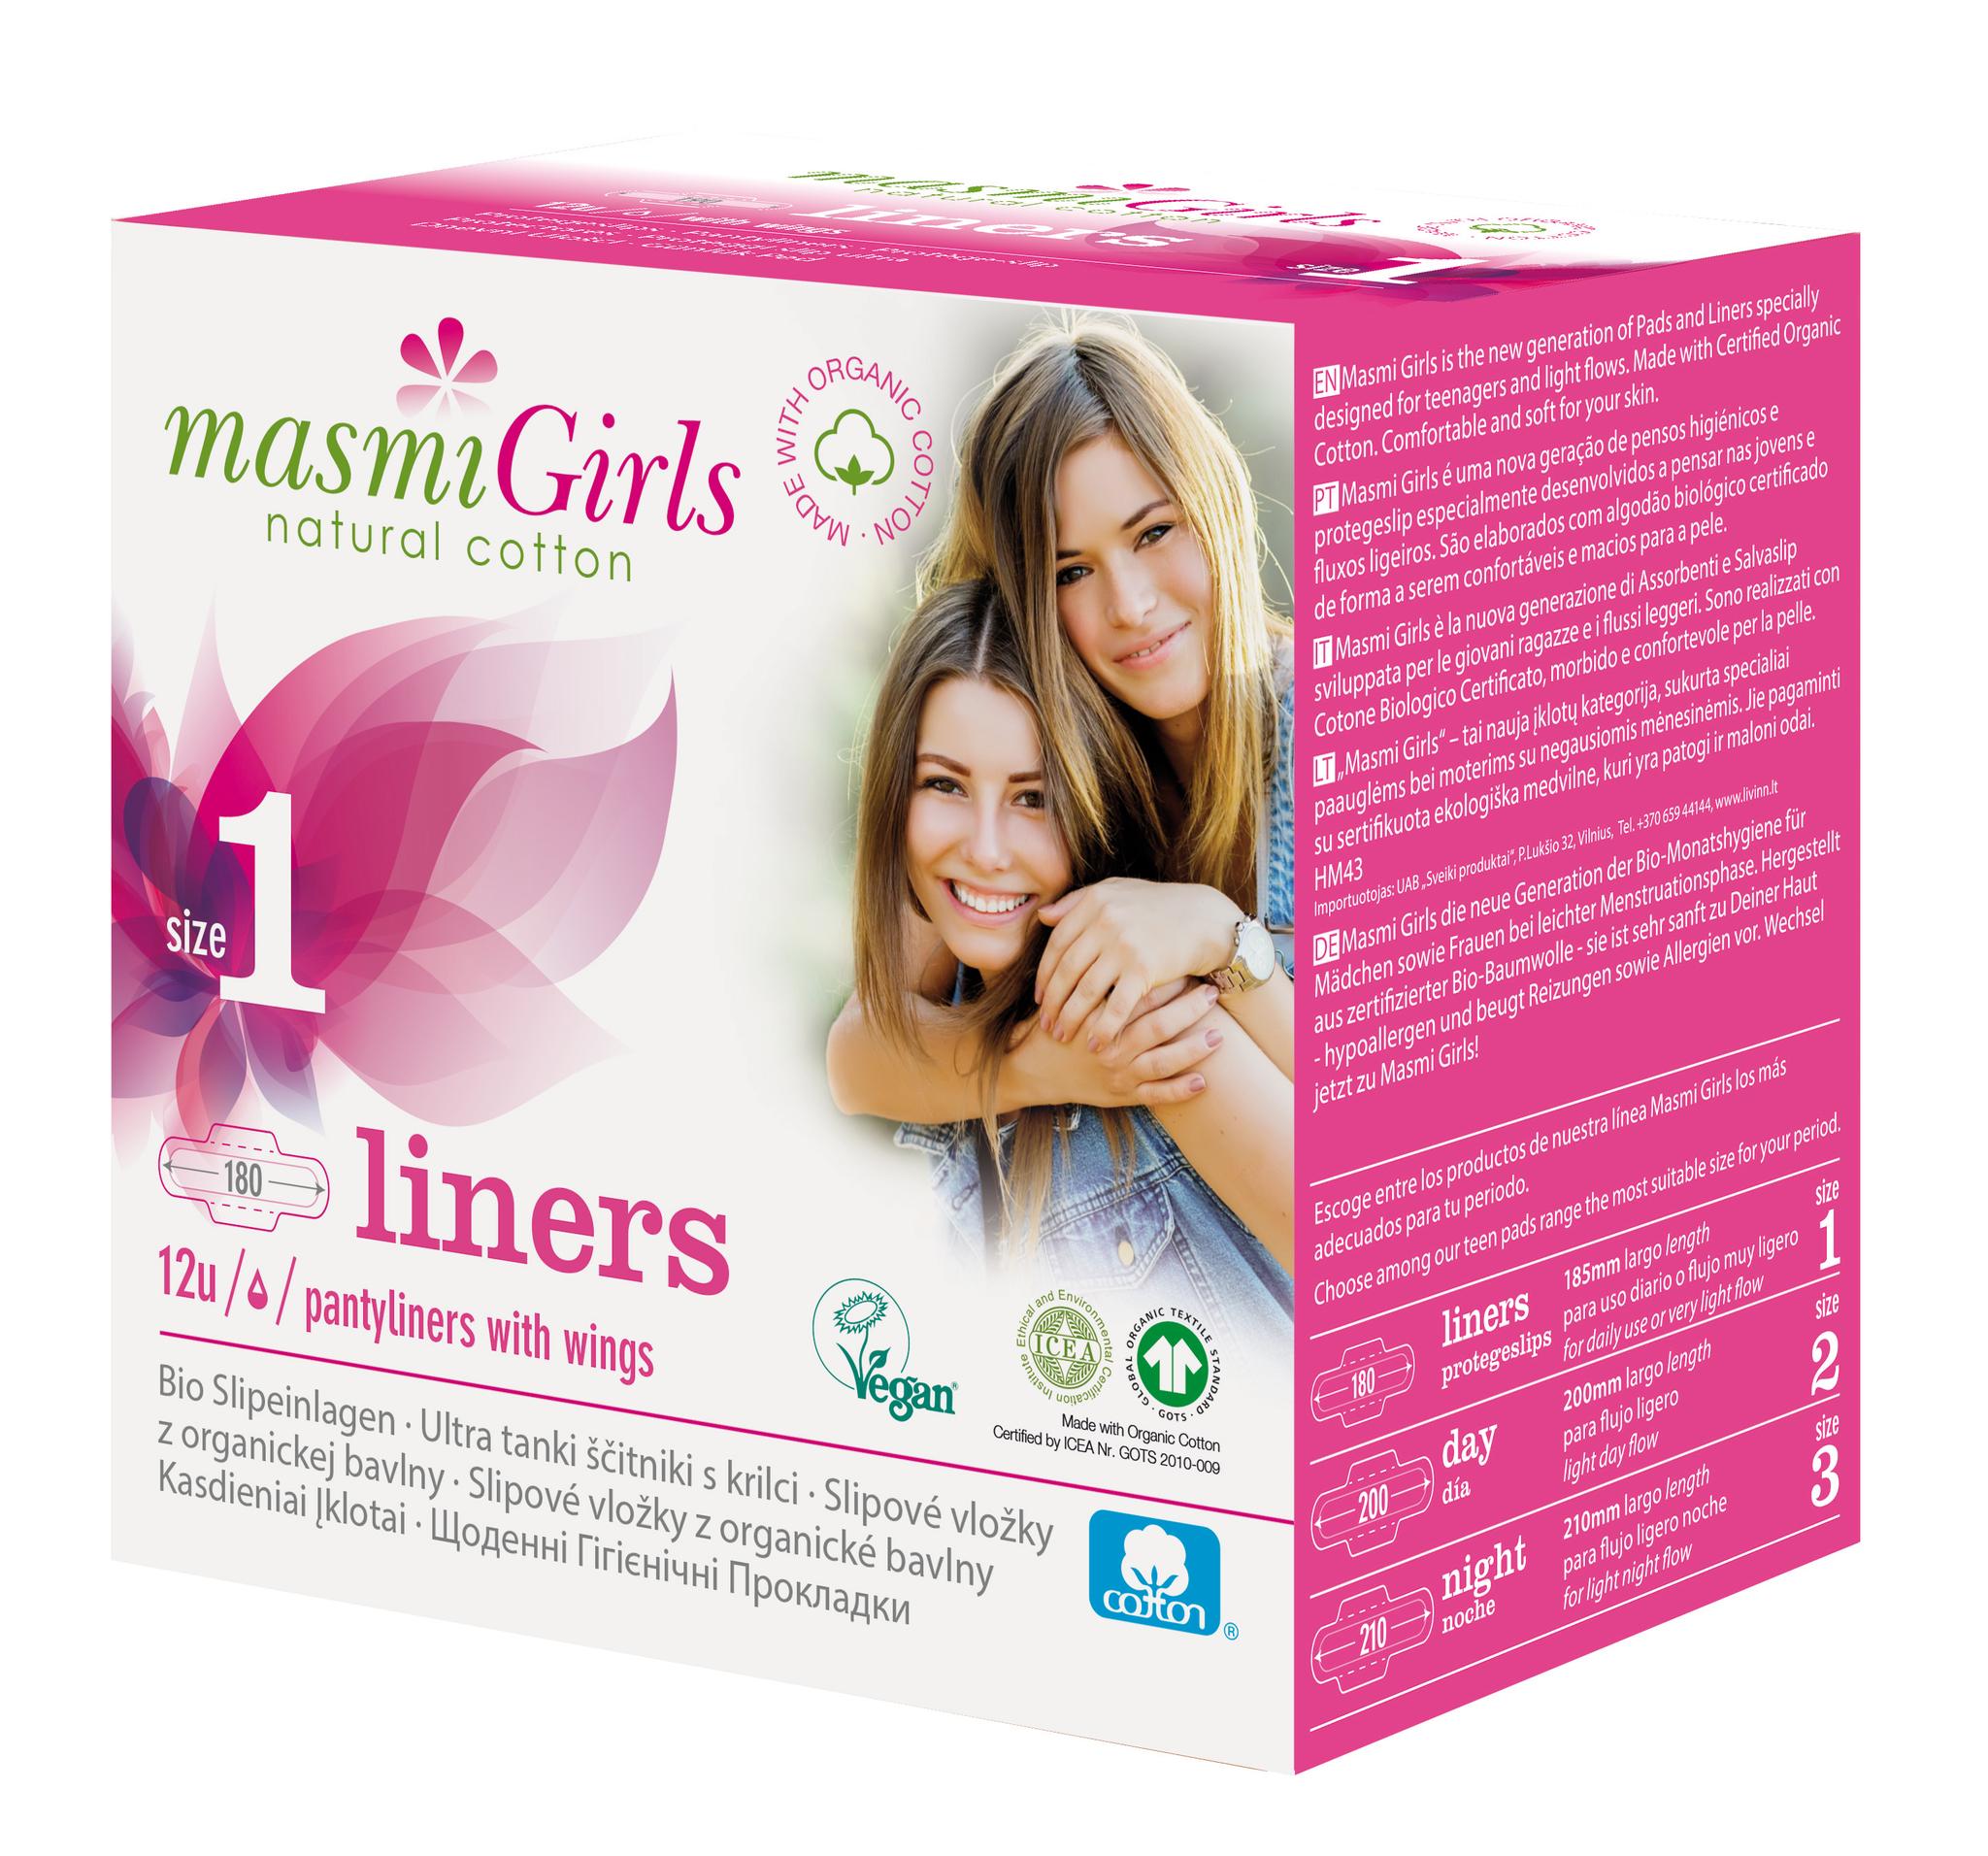 Прокладки ежедневные гигиенические ультратонкие с крылышками Masmi Girls (для подростков 180mm) из органического хлопка  в индивидуальной упаковке 12шт MASMI NATURAL COTTON